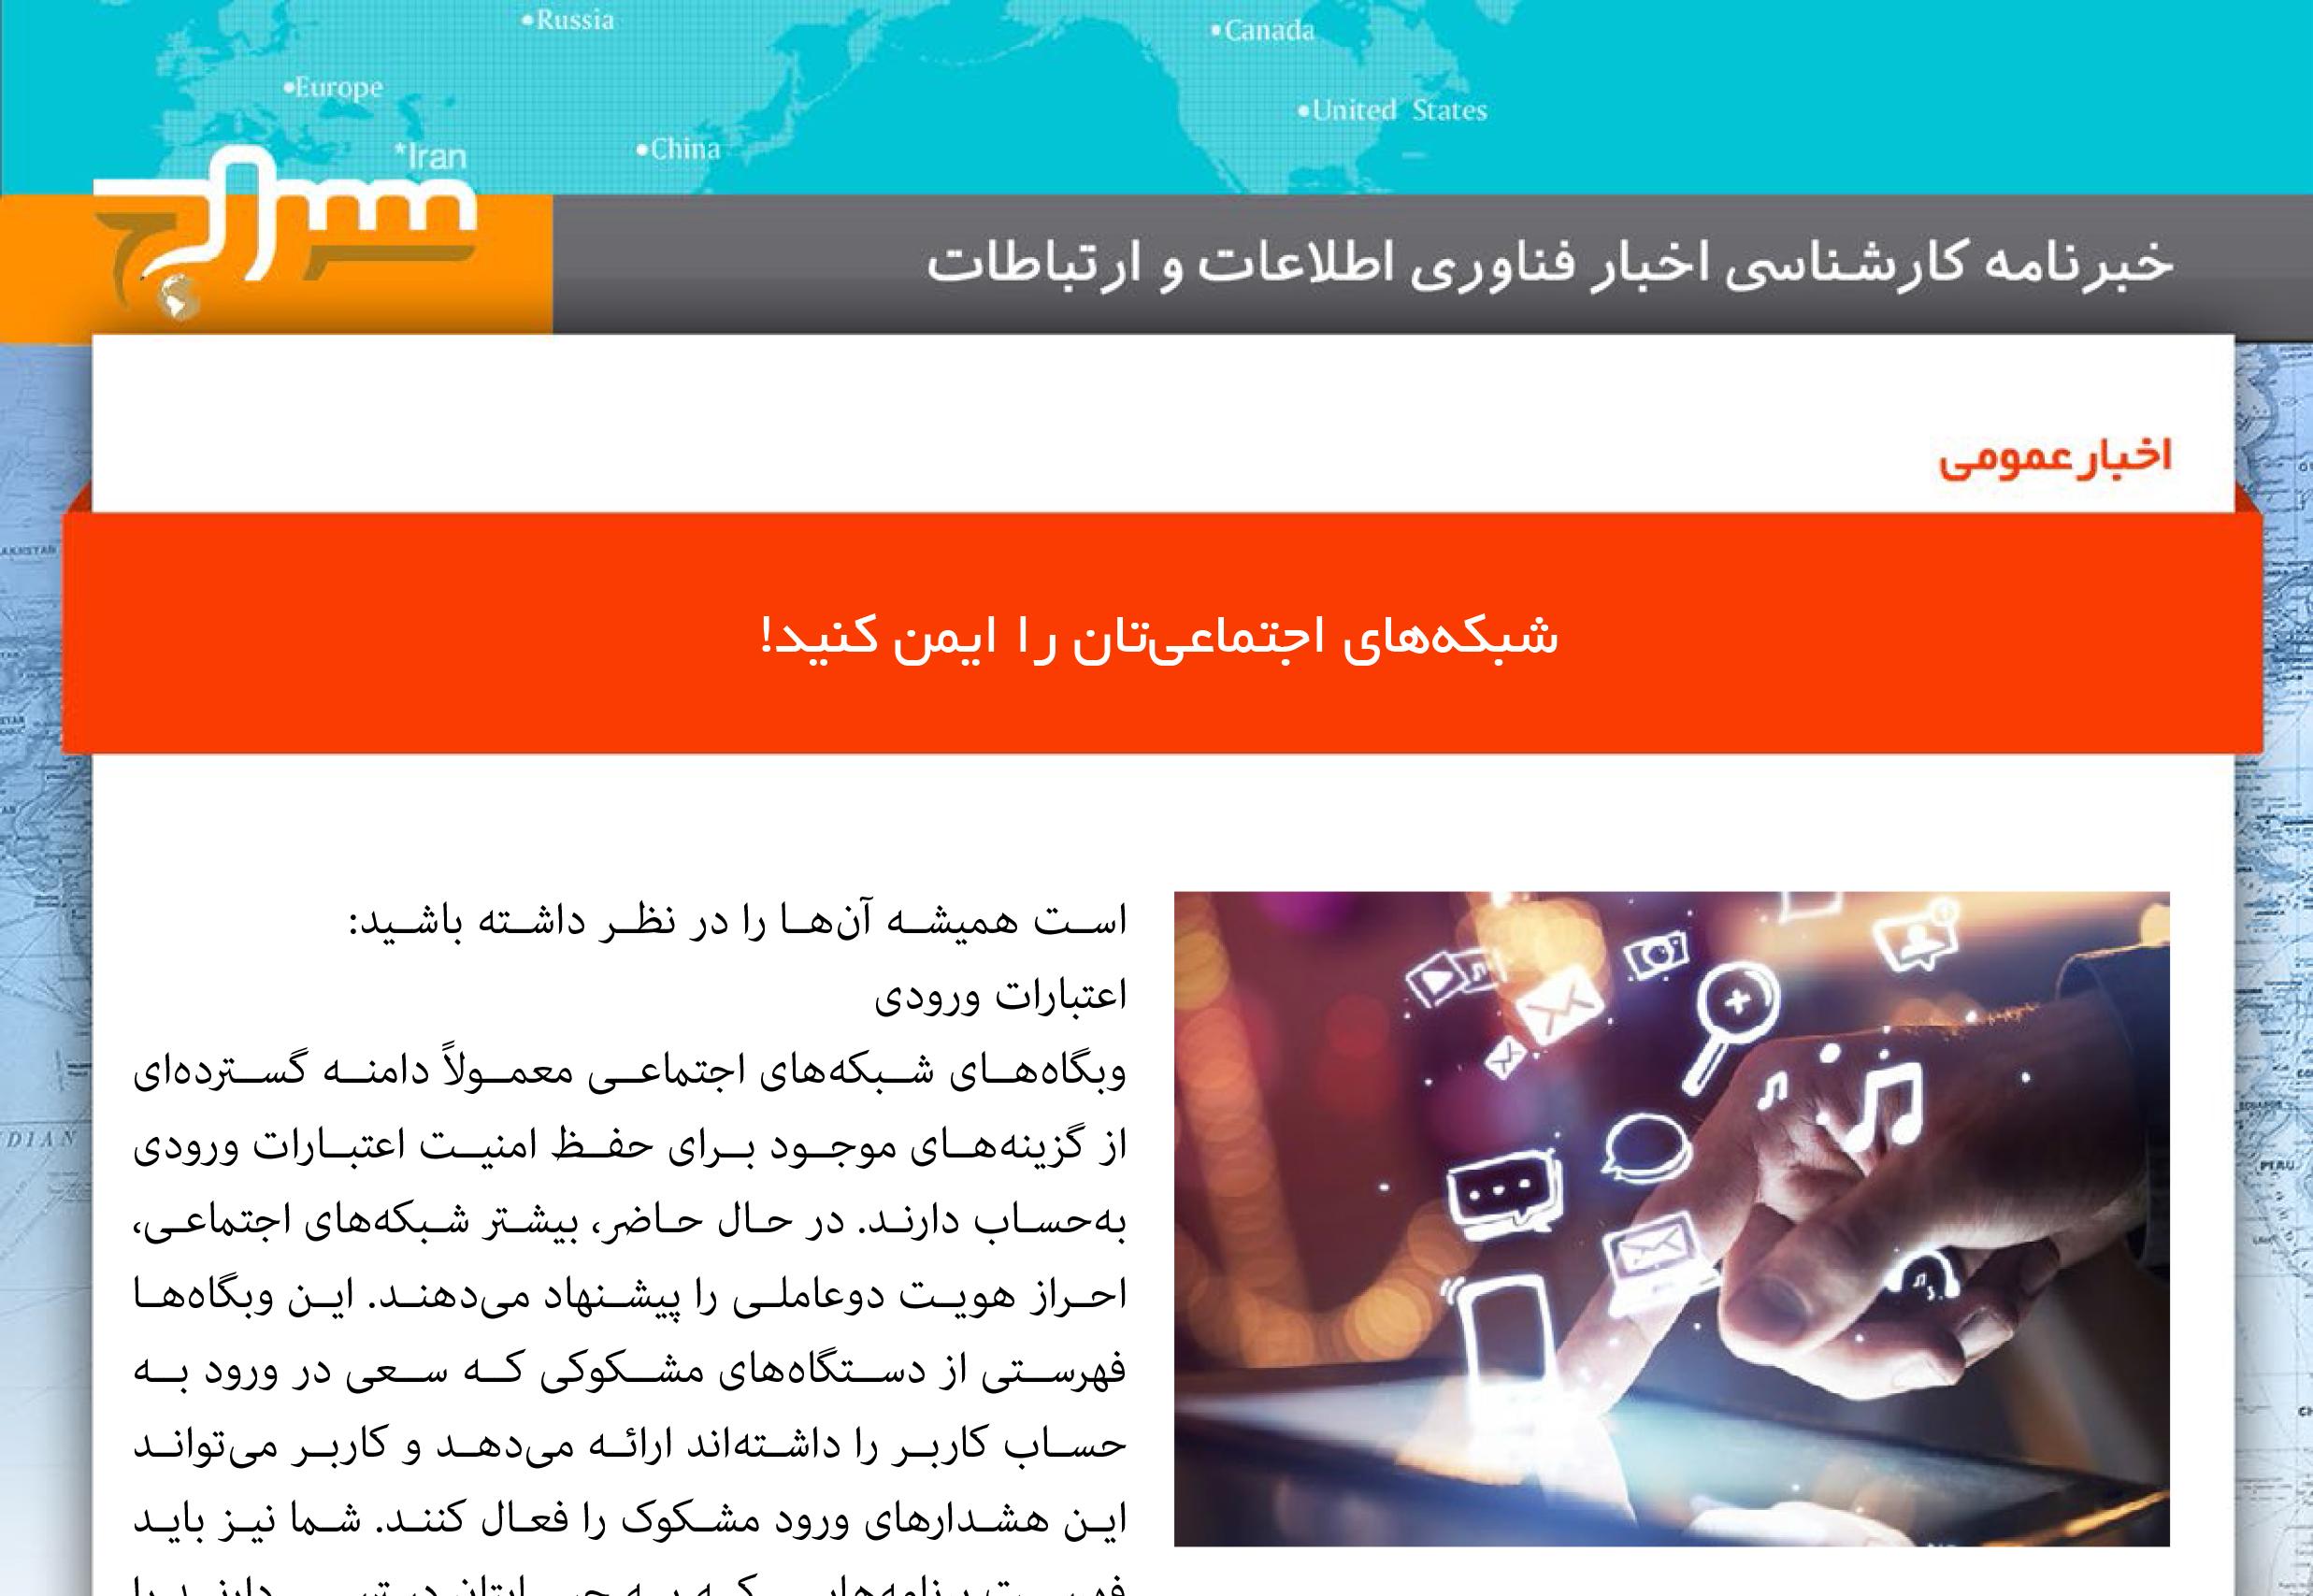 خبرنامه  فناوری اطلاعات و ارتباطات